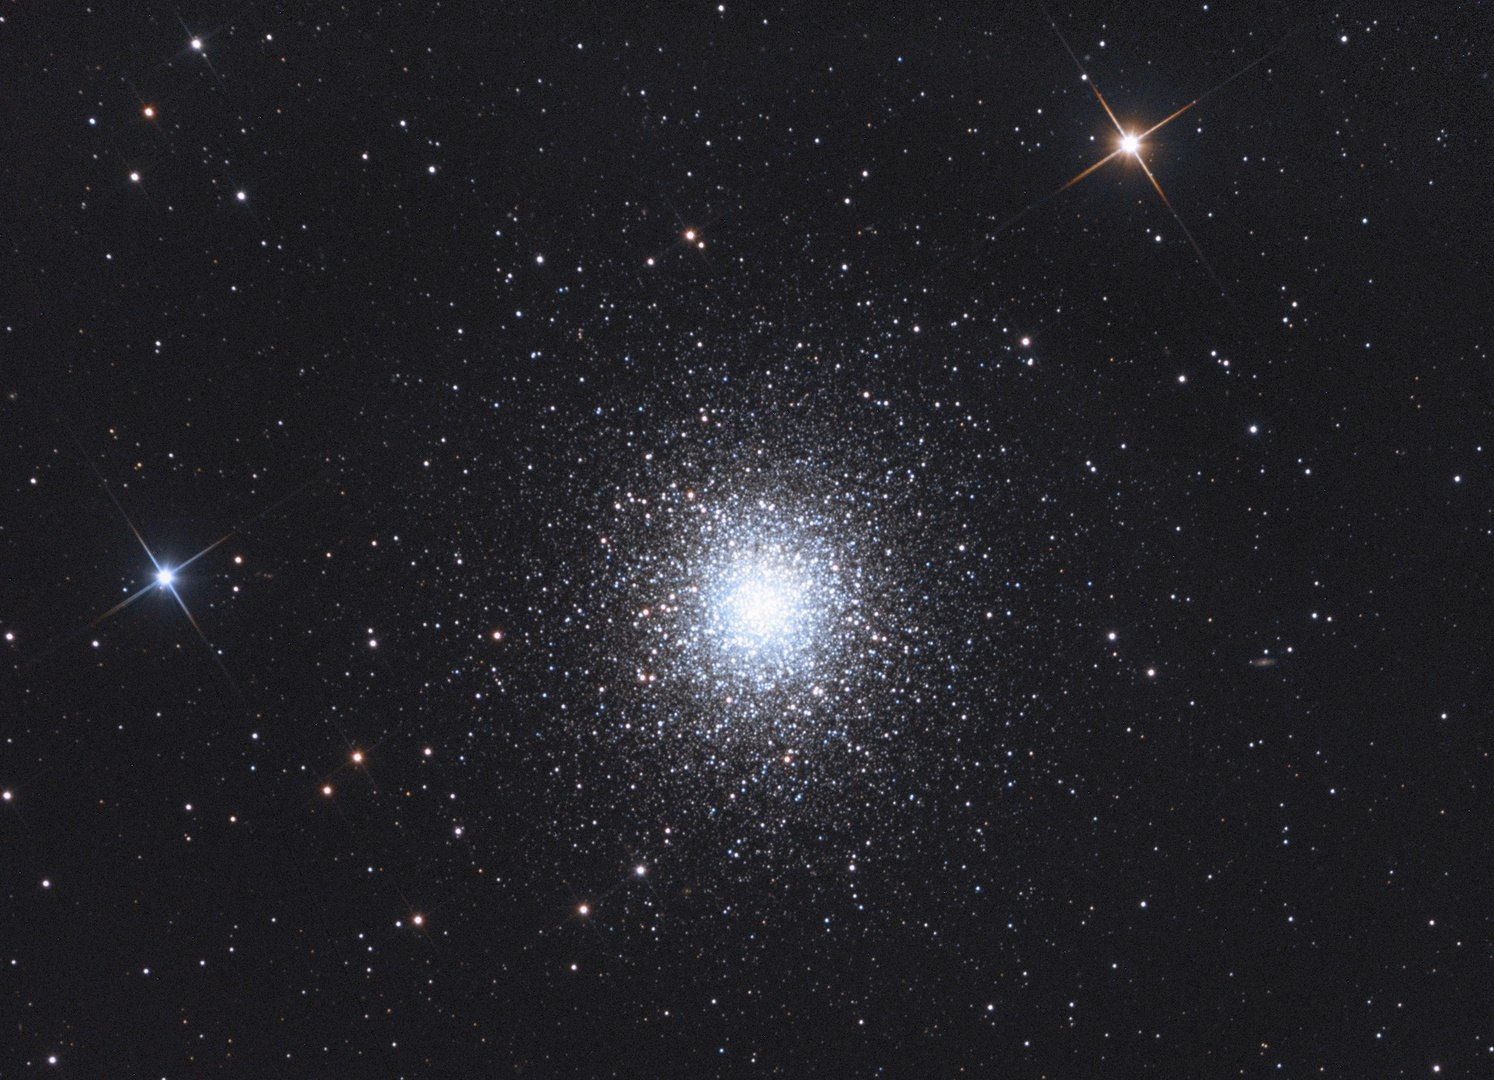 Der Kugelsternhaufen M13 im Sternbild Herkules